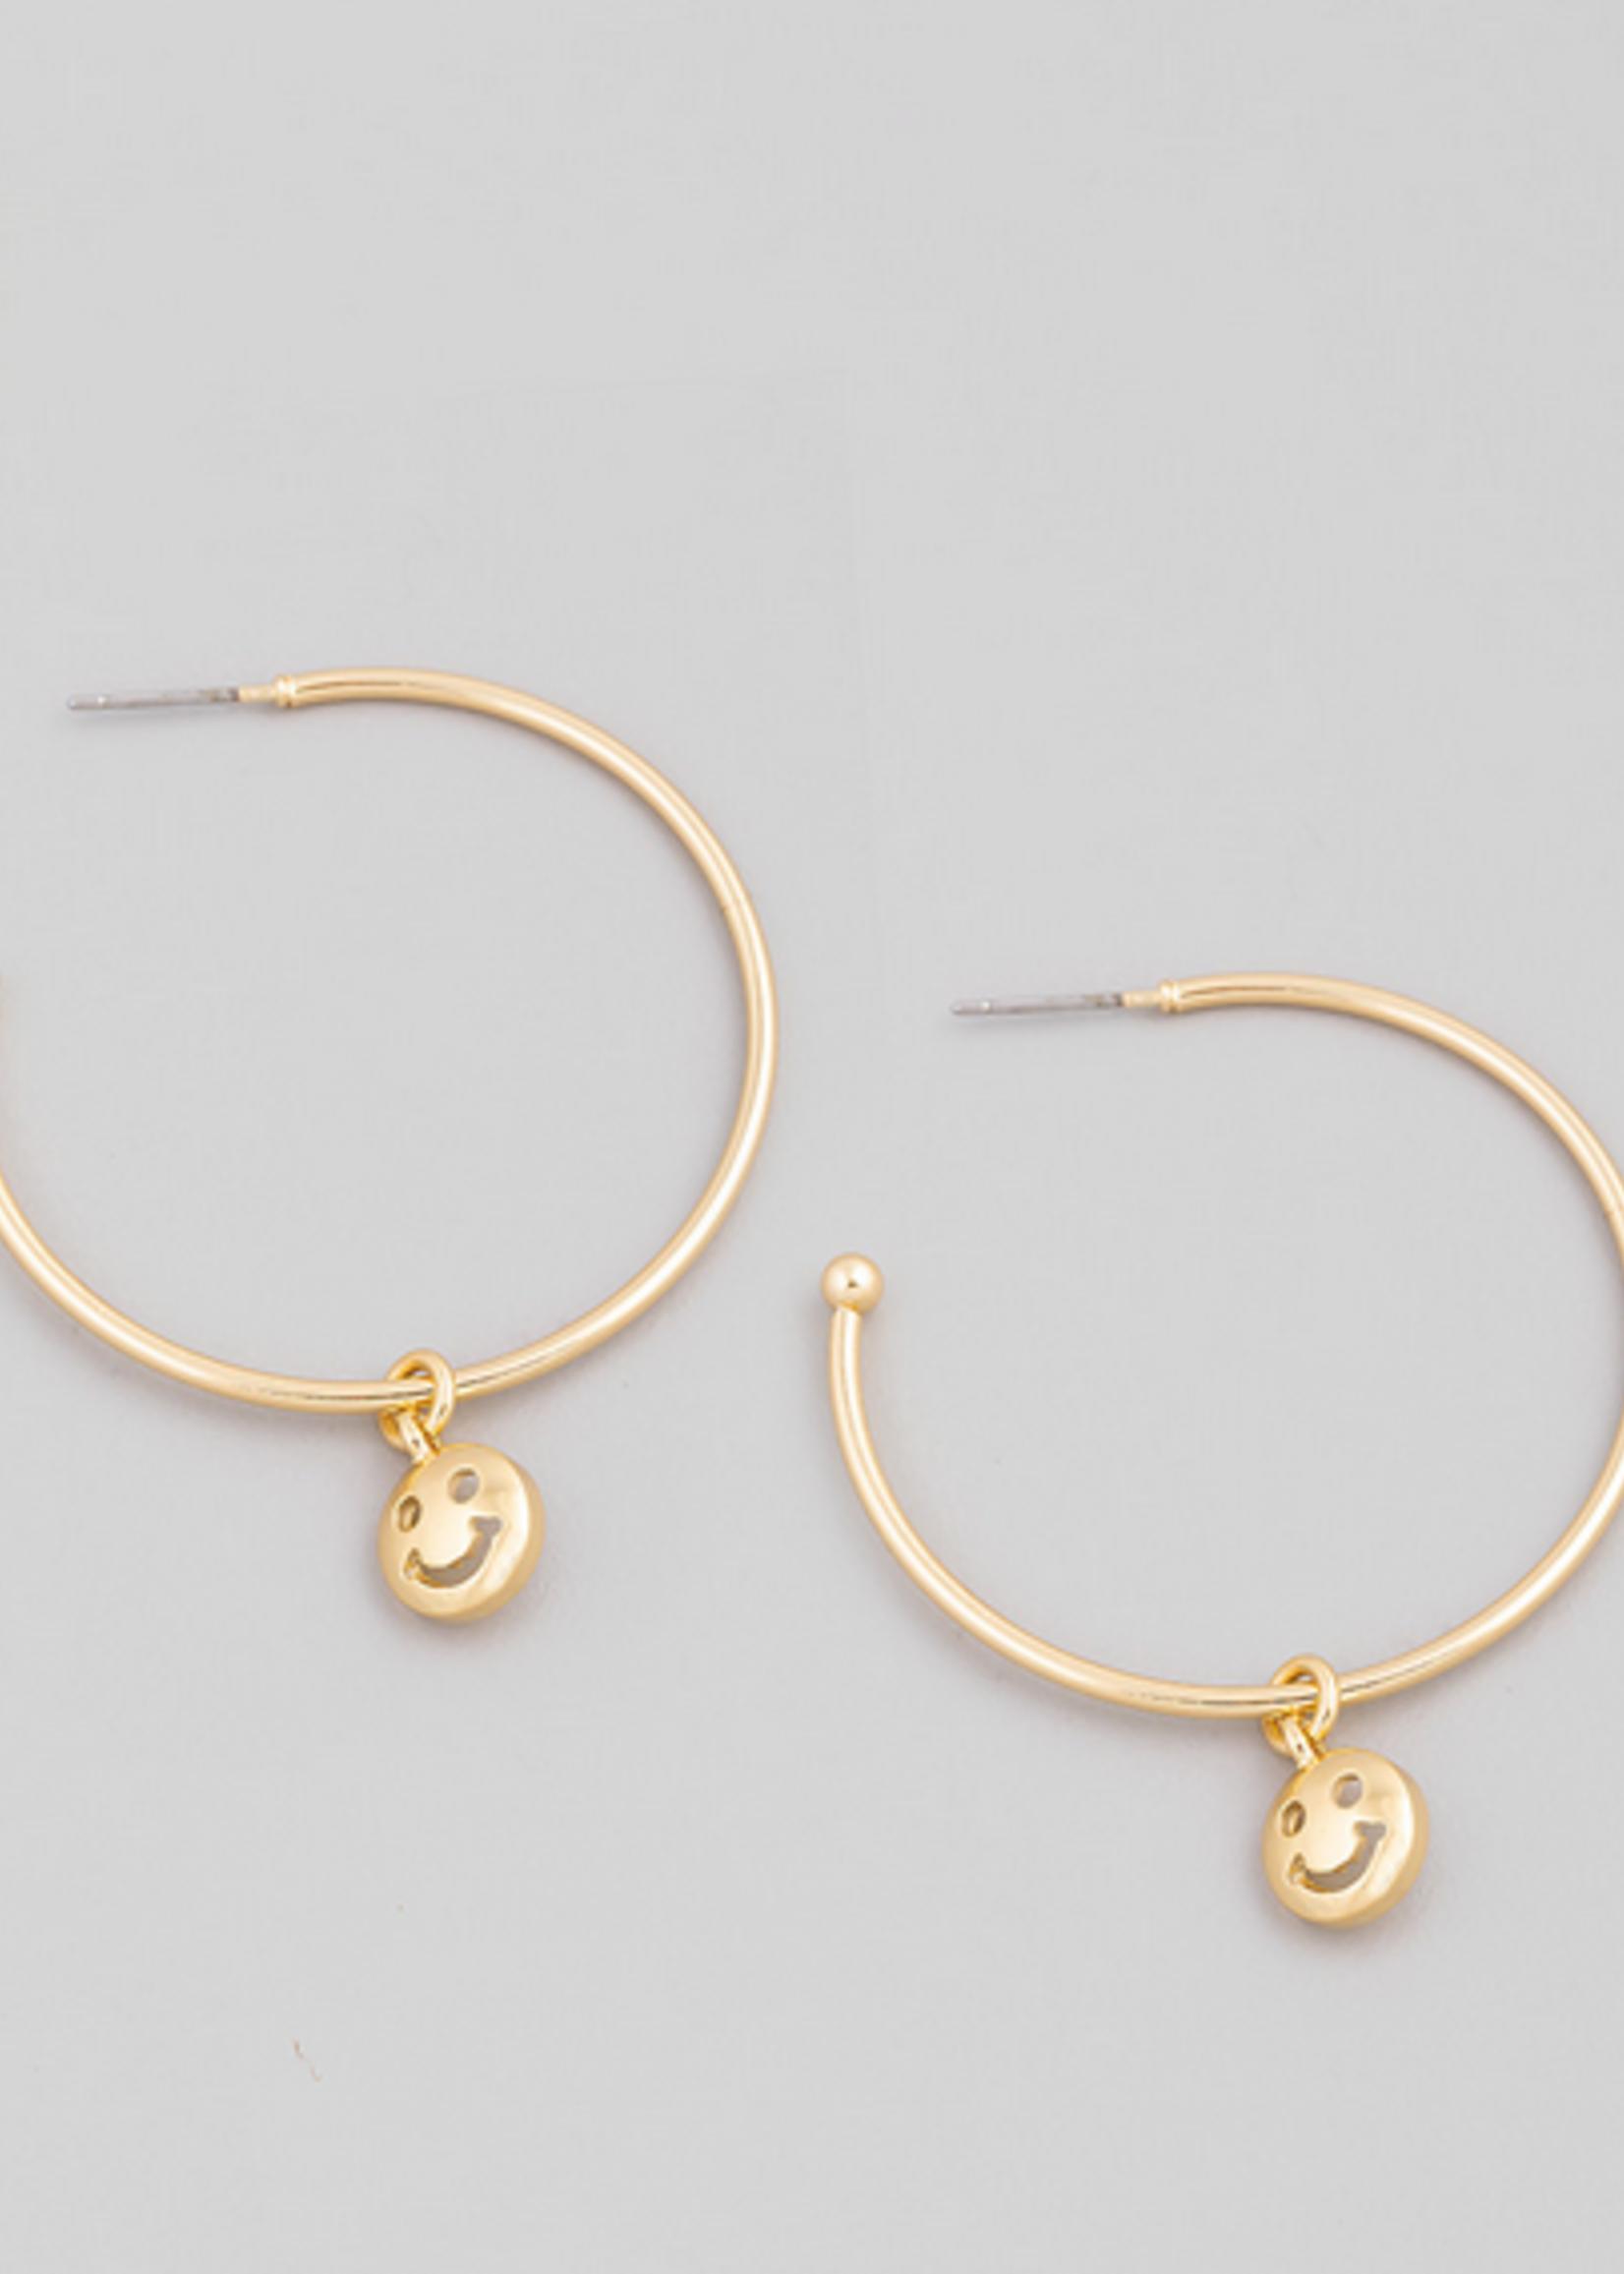 2215 earrings